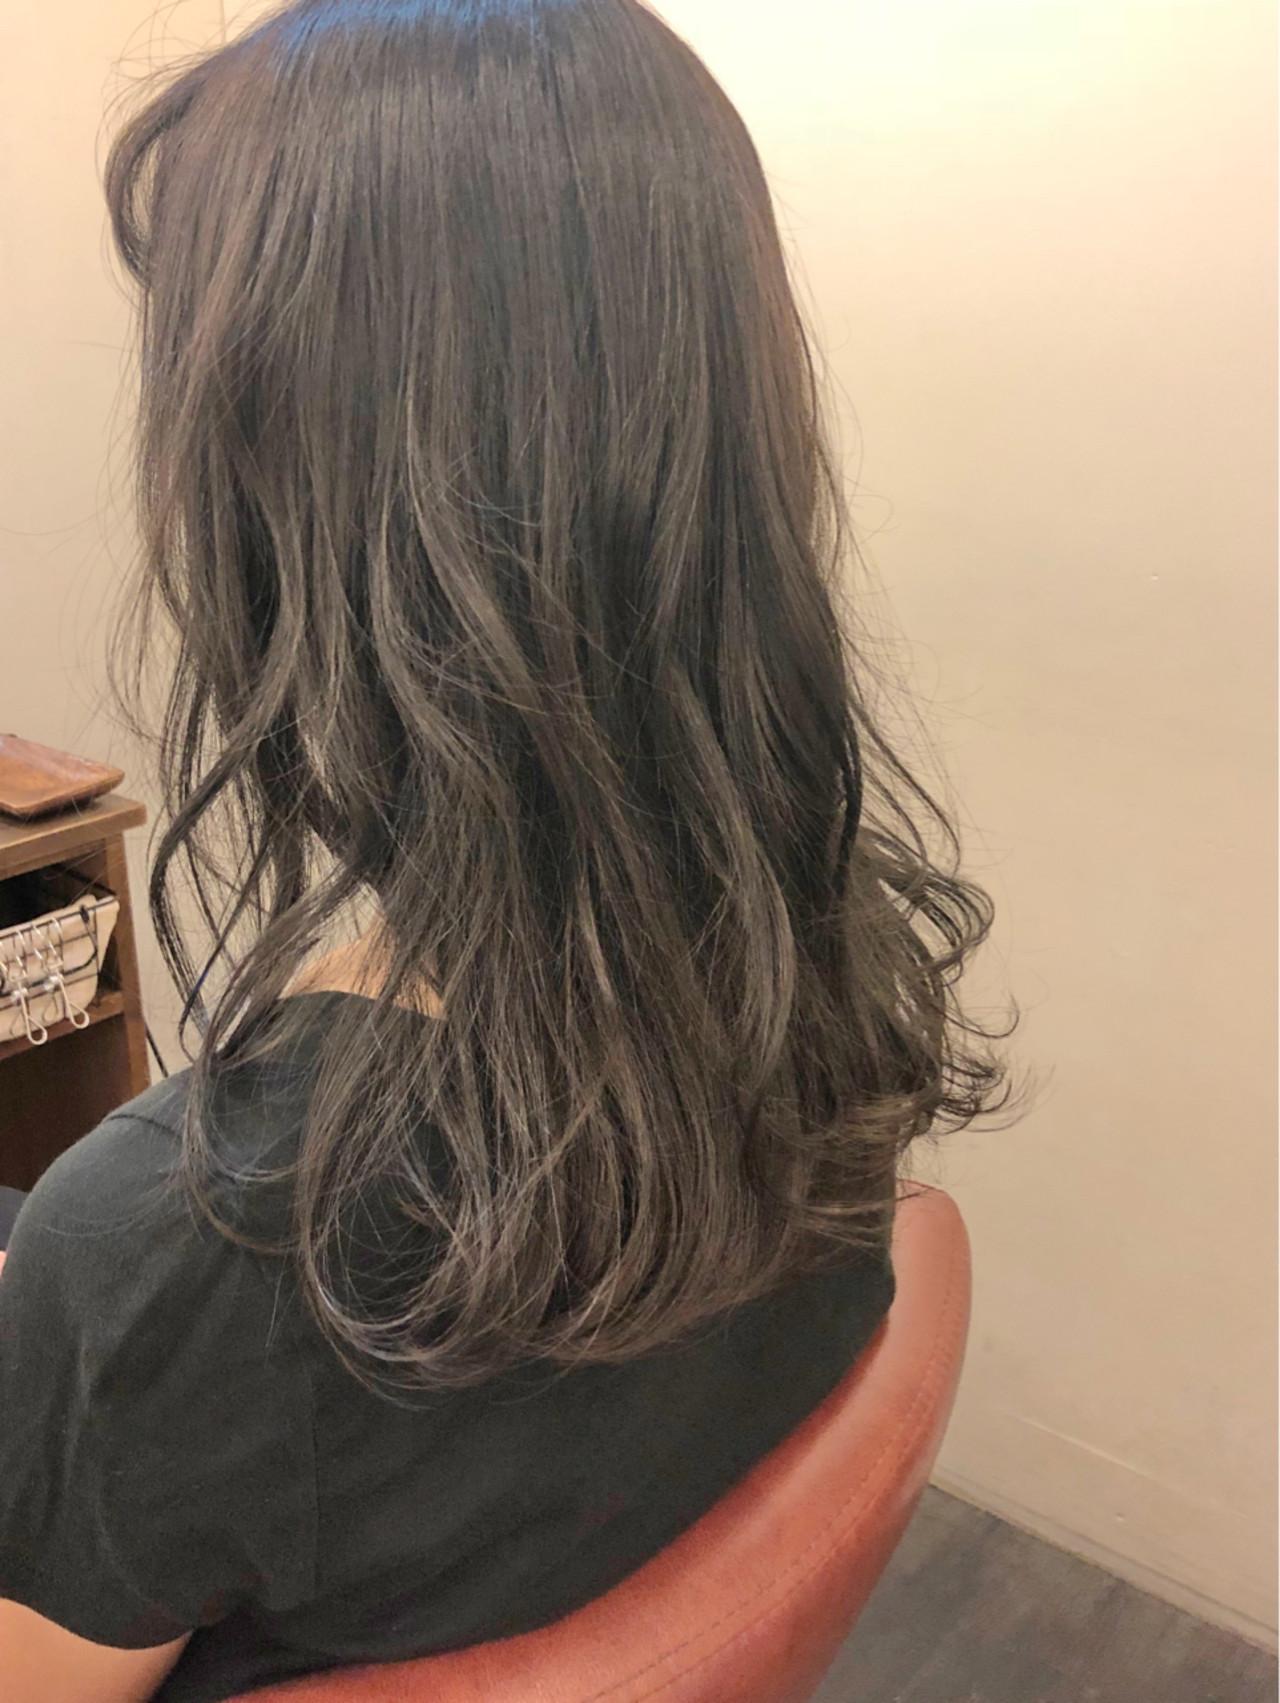 オフィス フェミニン セミロング ウェーブ ヘアスタイルや髪型の写真・画像 | 上杉 / 大阪